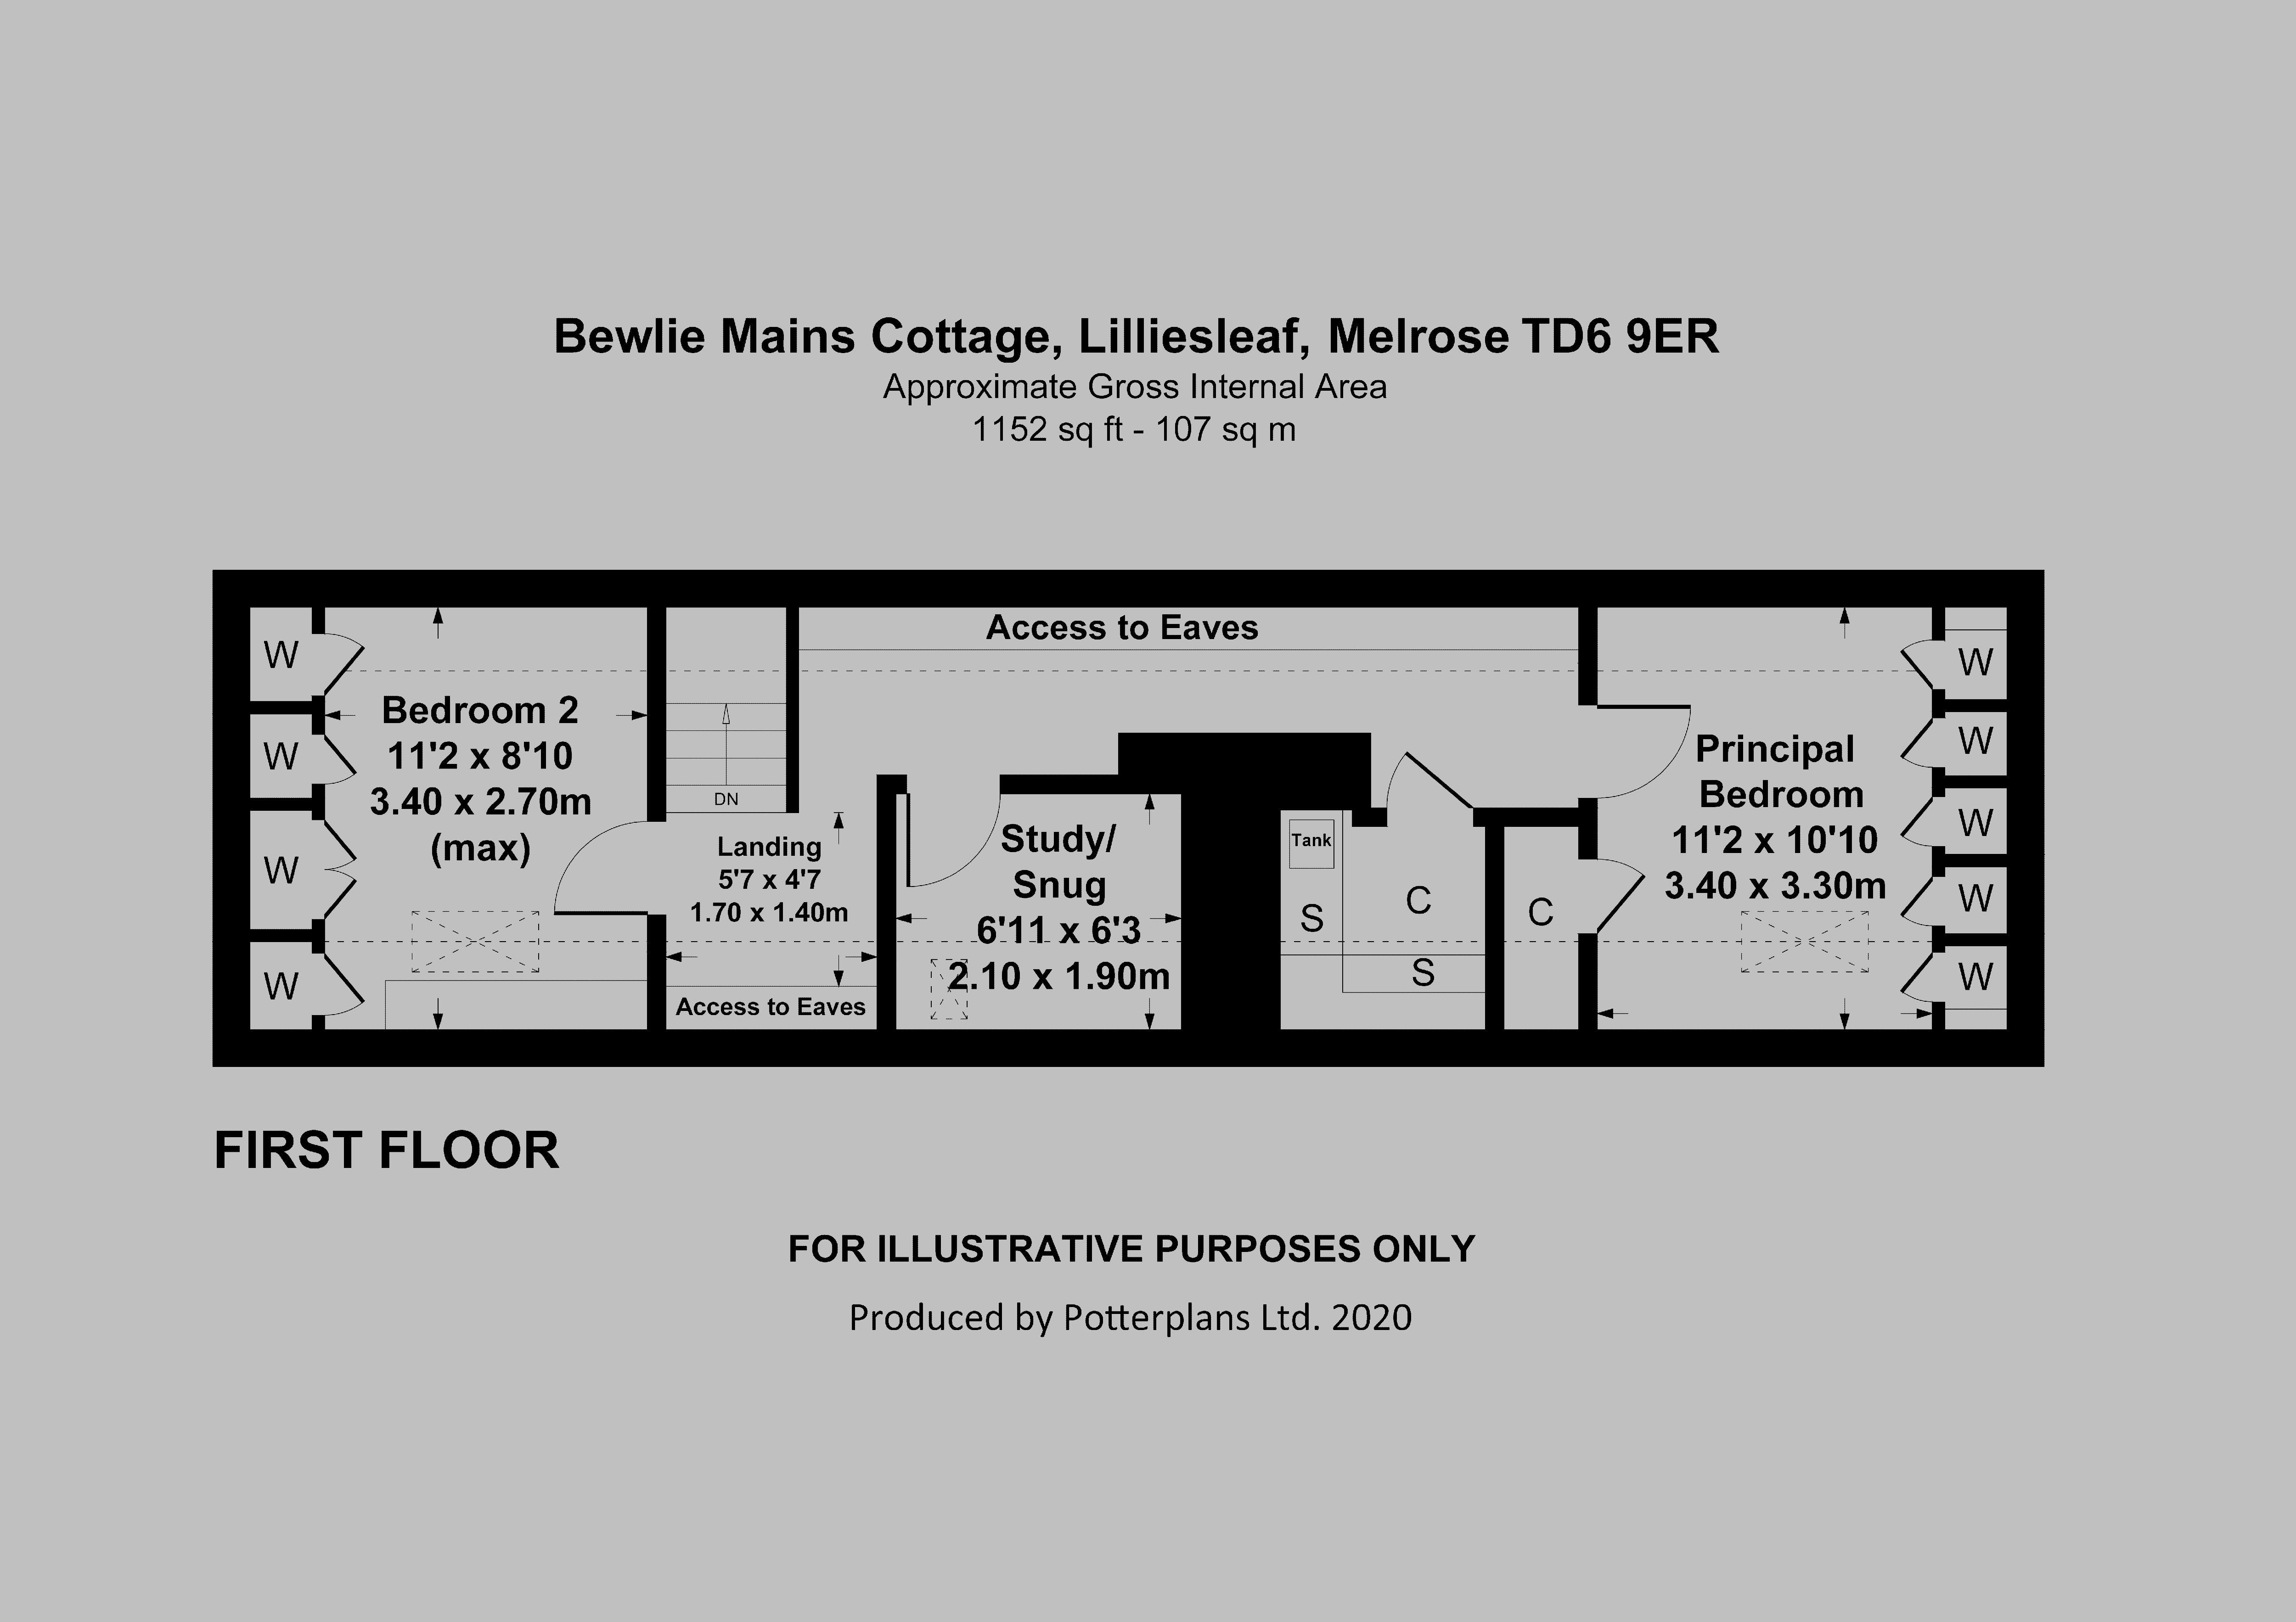 Bewlie Mains Cottage First Floor